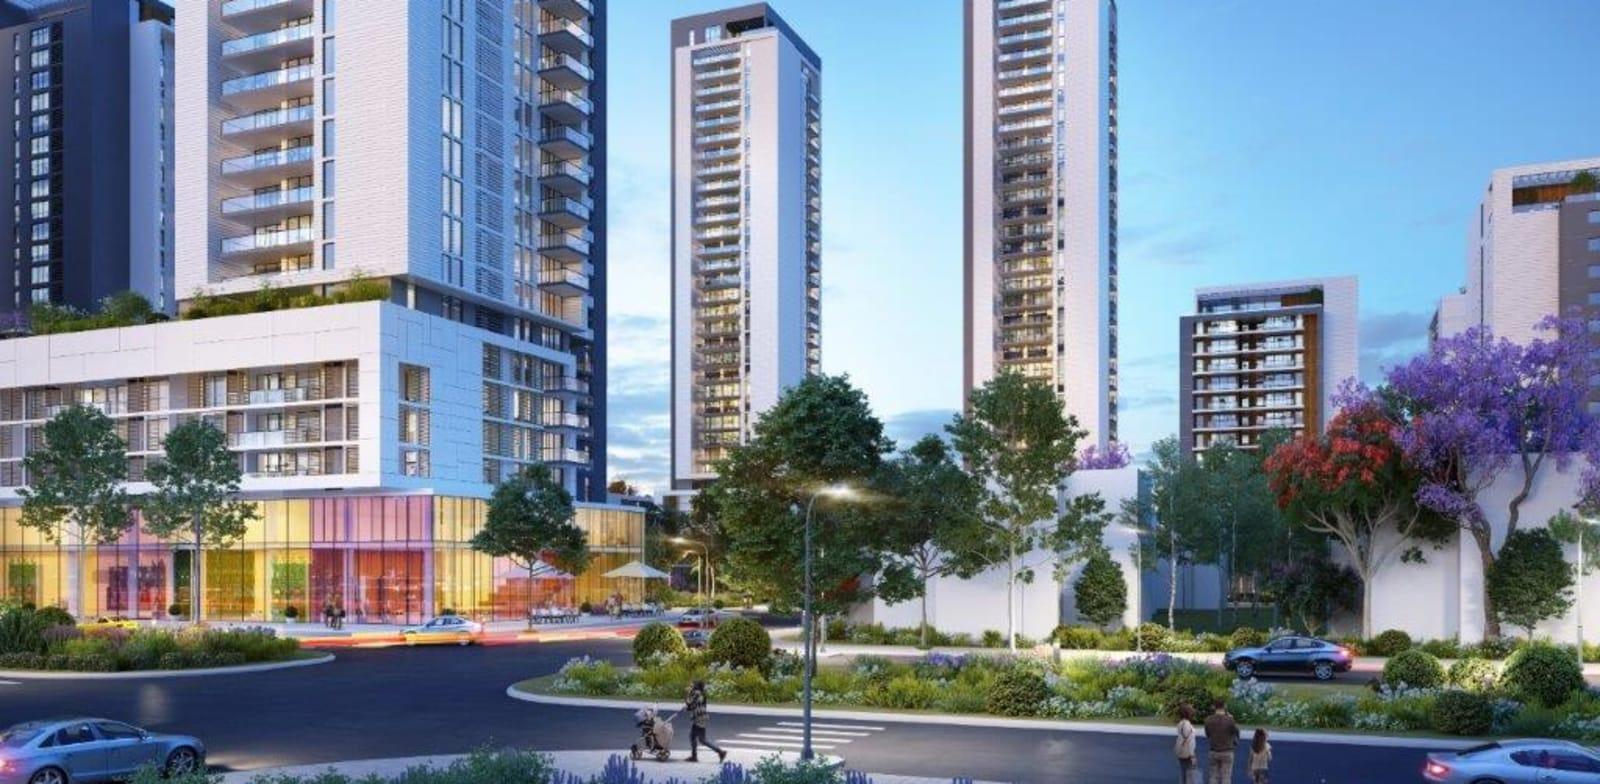 השכונה החדשה בנתניה / הדמיה: Elvove Media